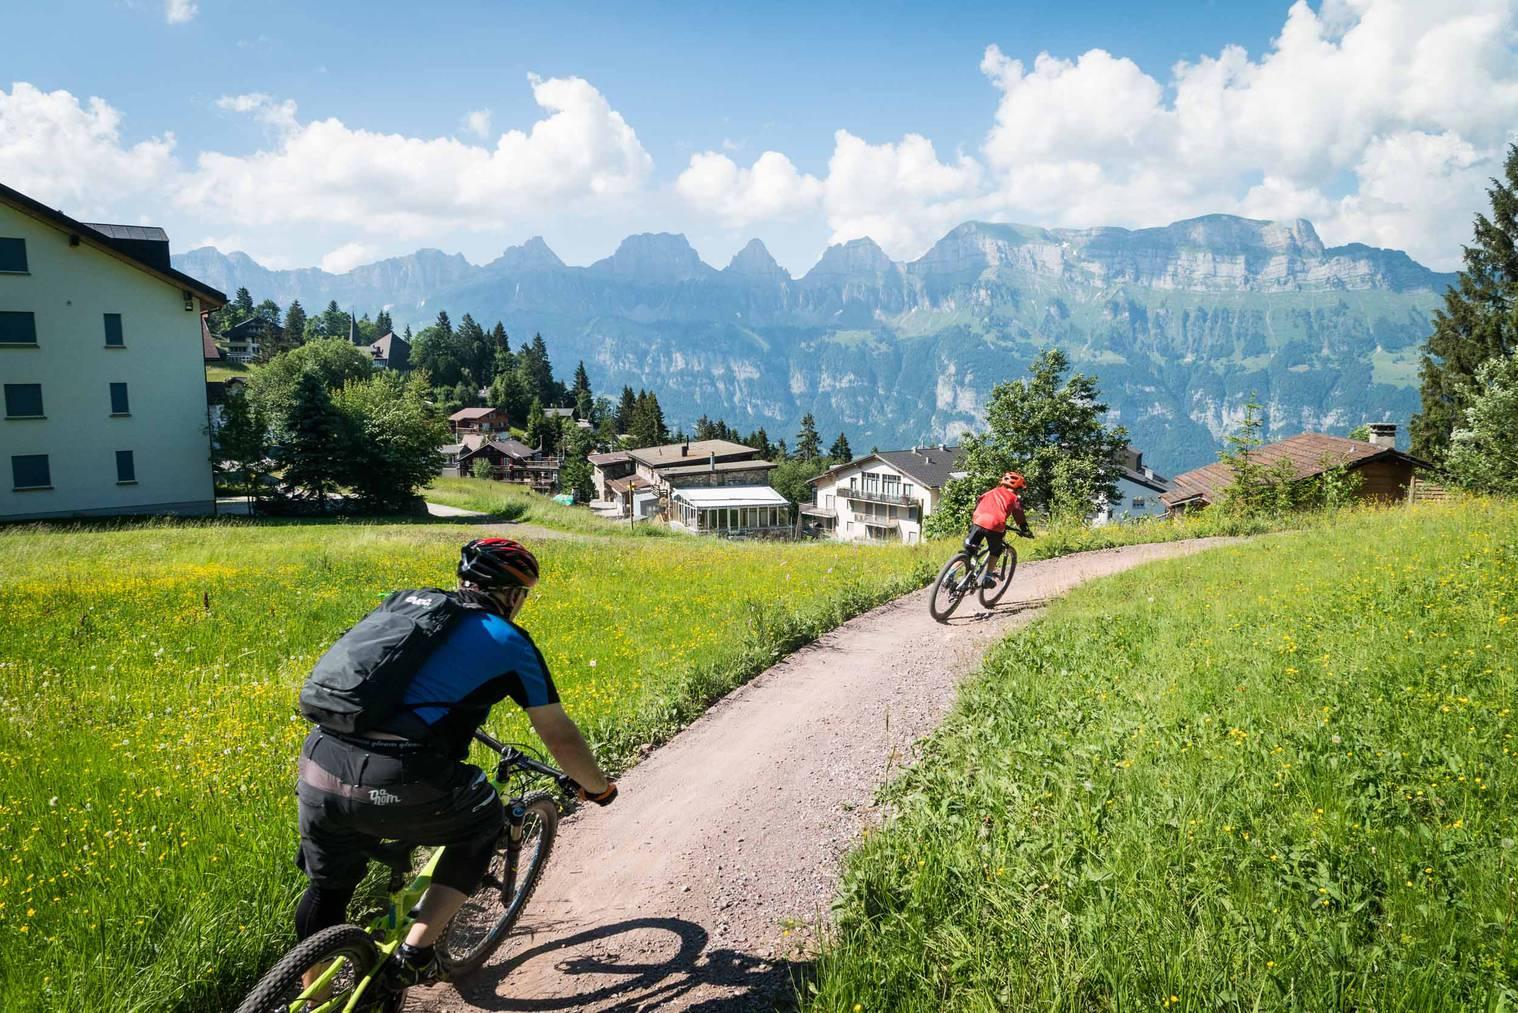 Biken vor wunderbarer Kulisse. (Bild: pd)